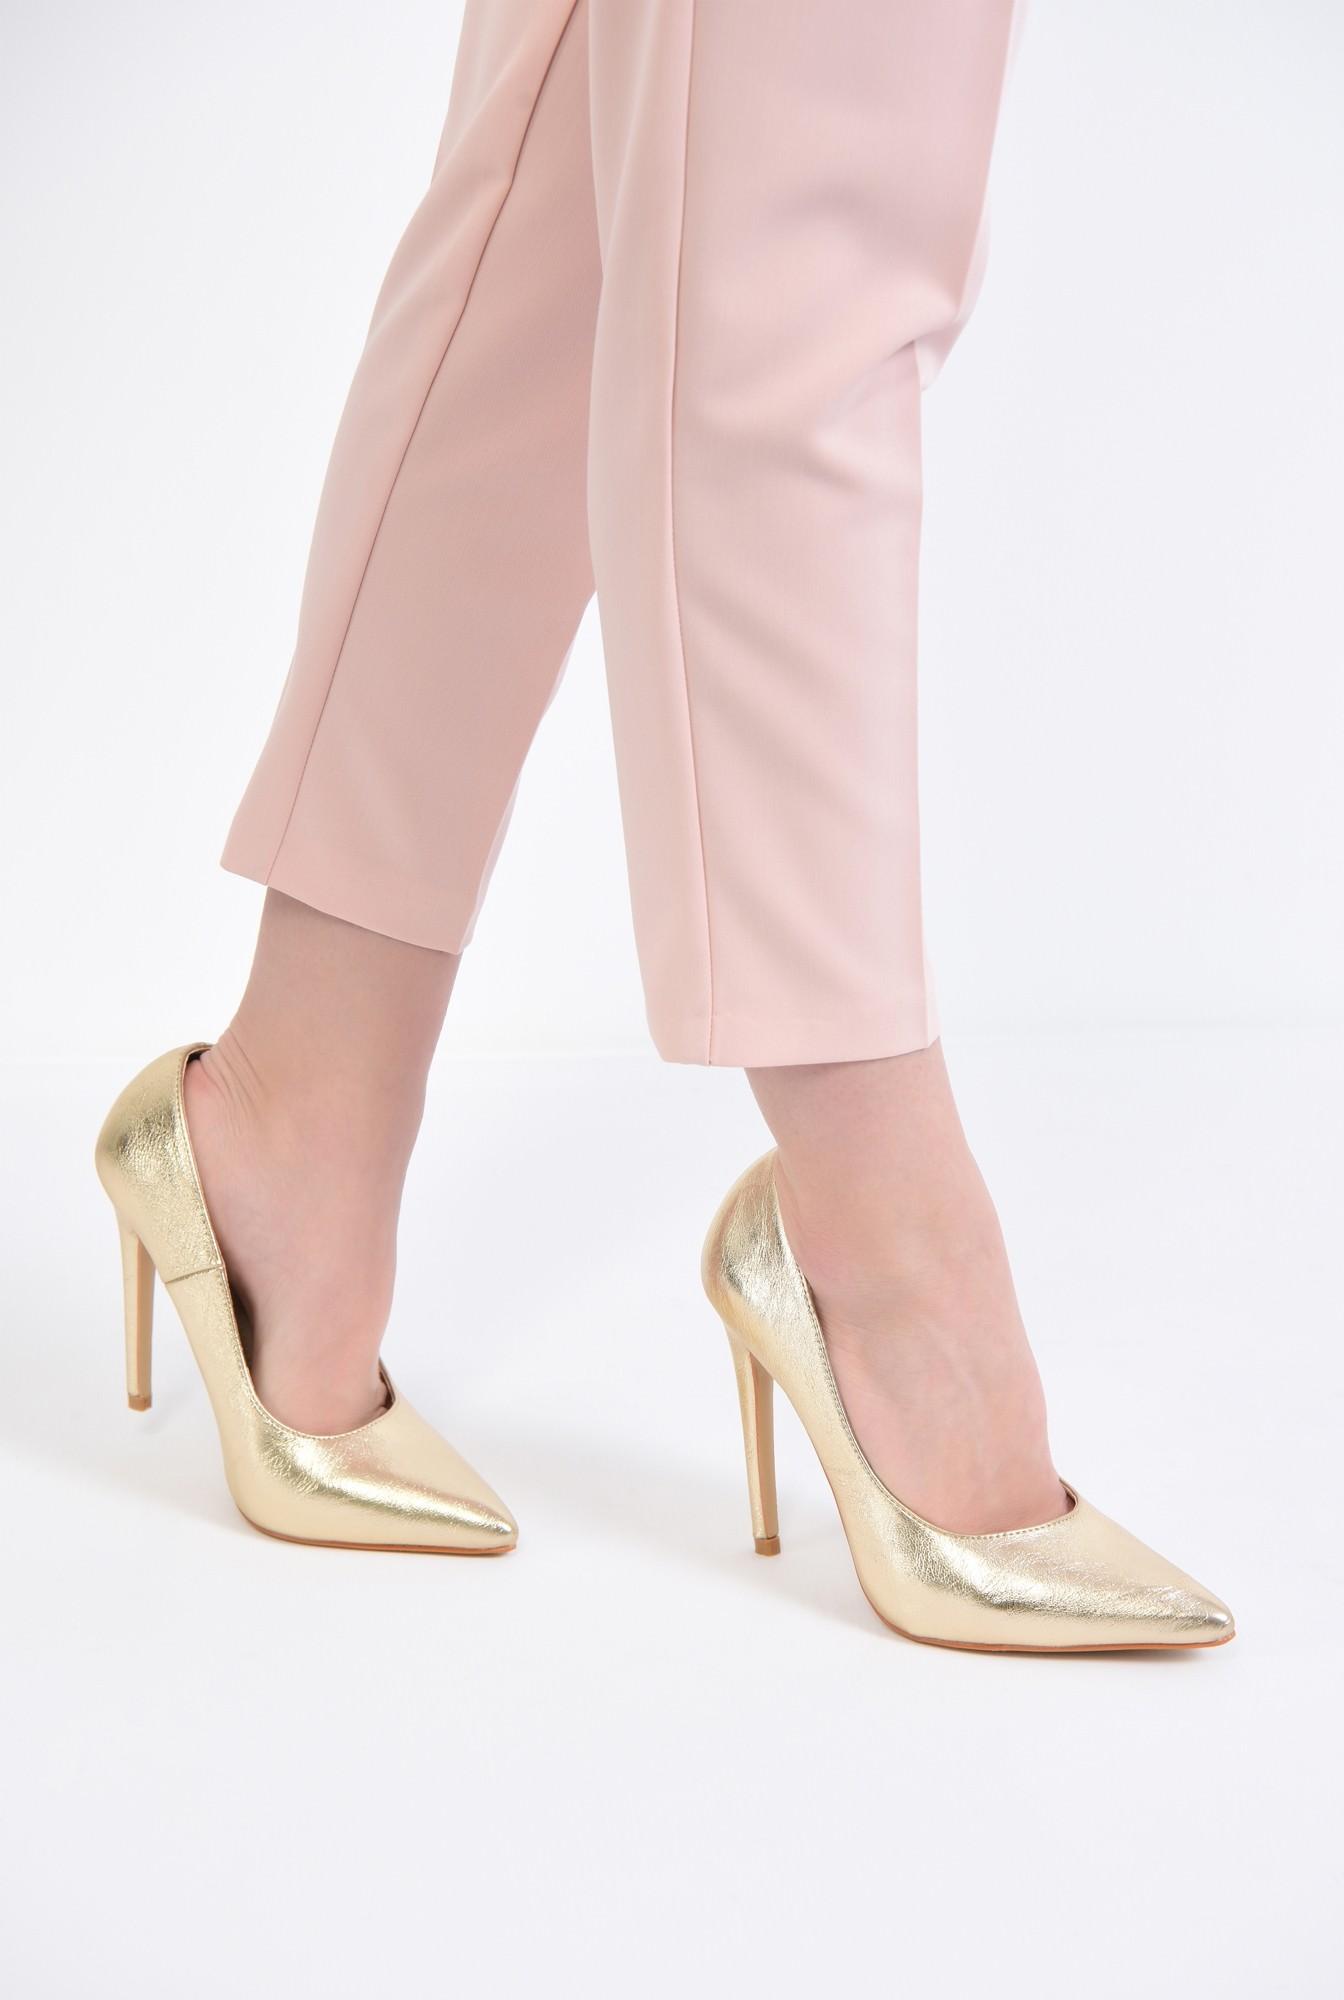 4 - pantofi eleganti, aurii, toc inalt